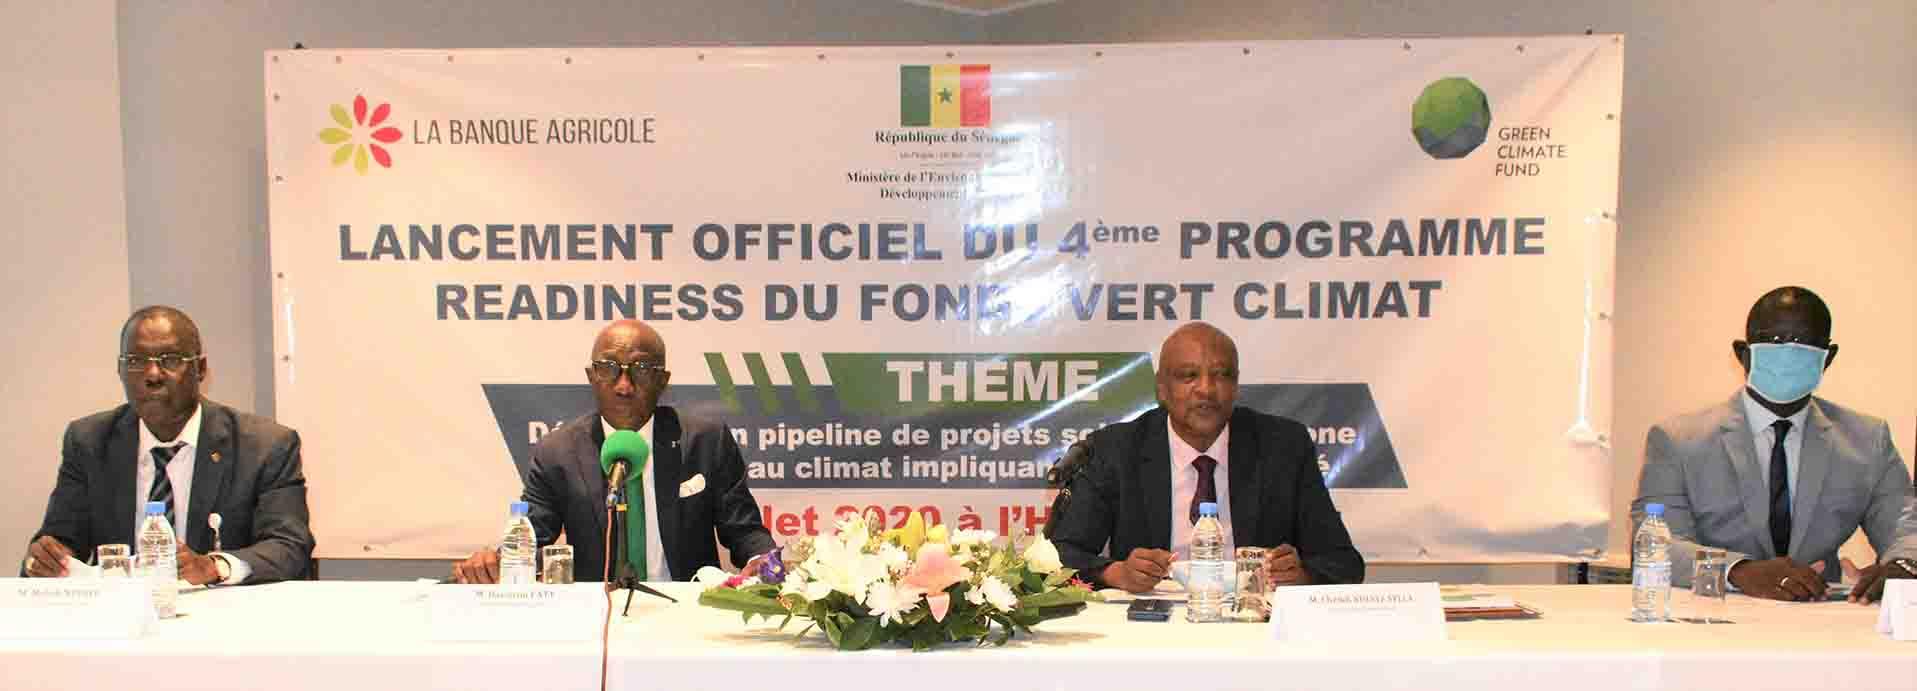 Sénégal : La Banque Agricole lance le 4ème Programme Readiness du Fonds Vert Climat